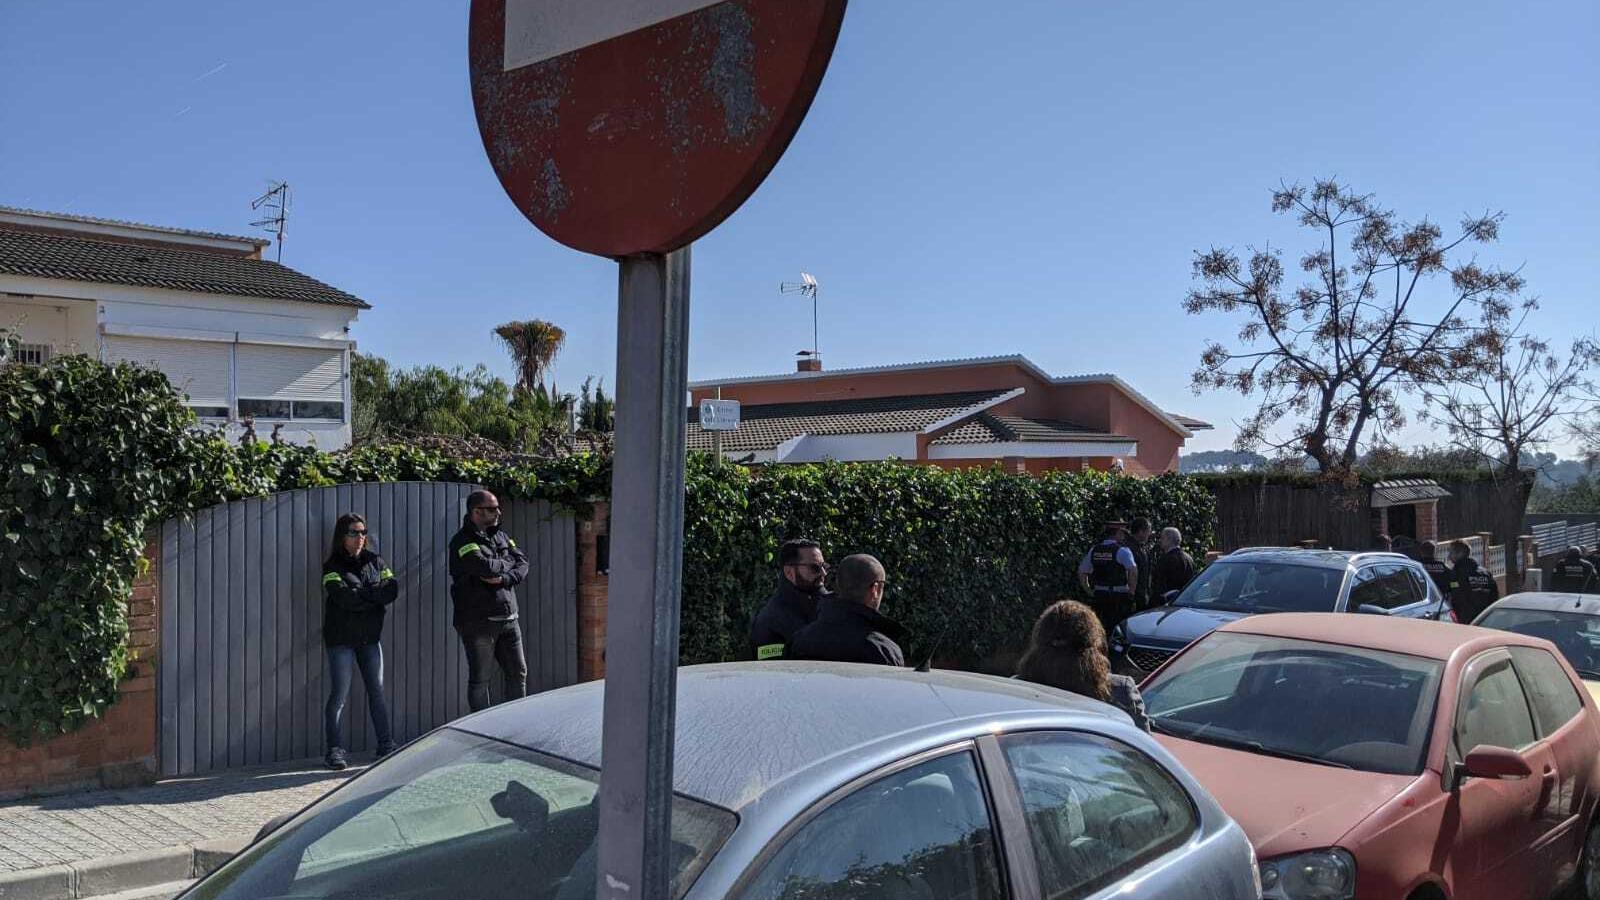 La comitiva judicial, el jurat i els acusats s'han traslladat a la casa de Peral, a Cubelles